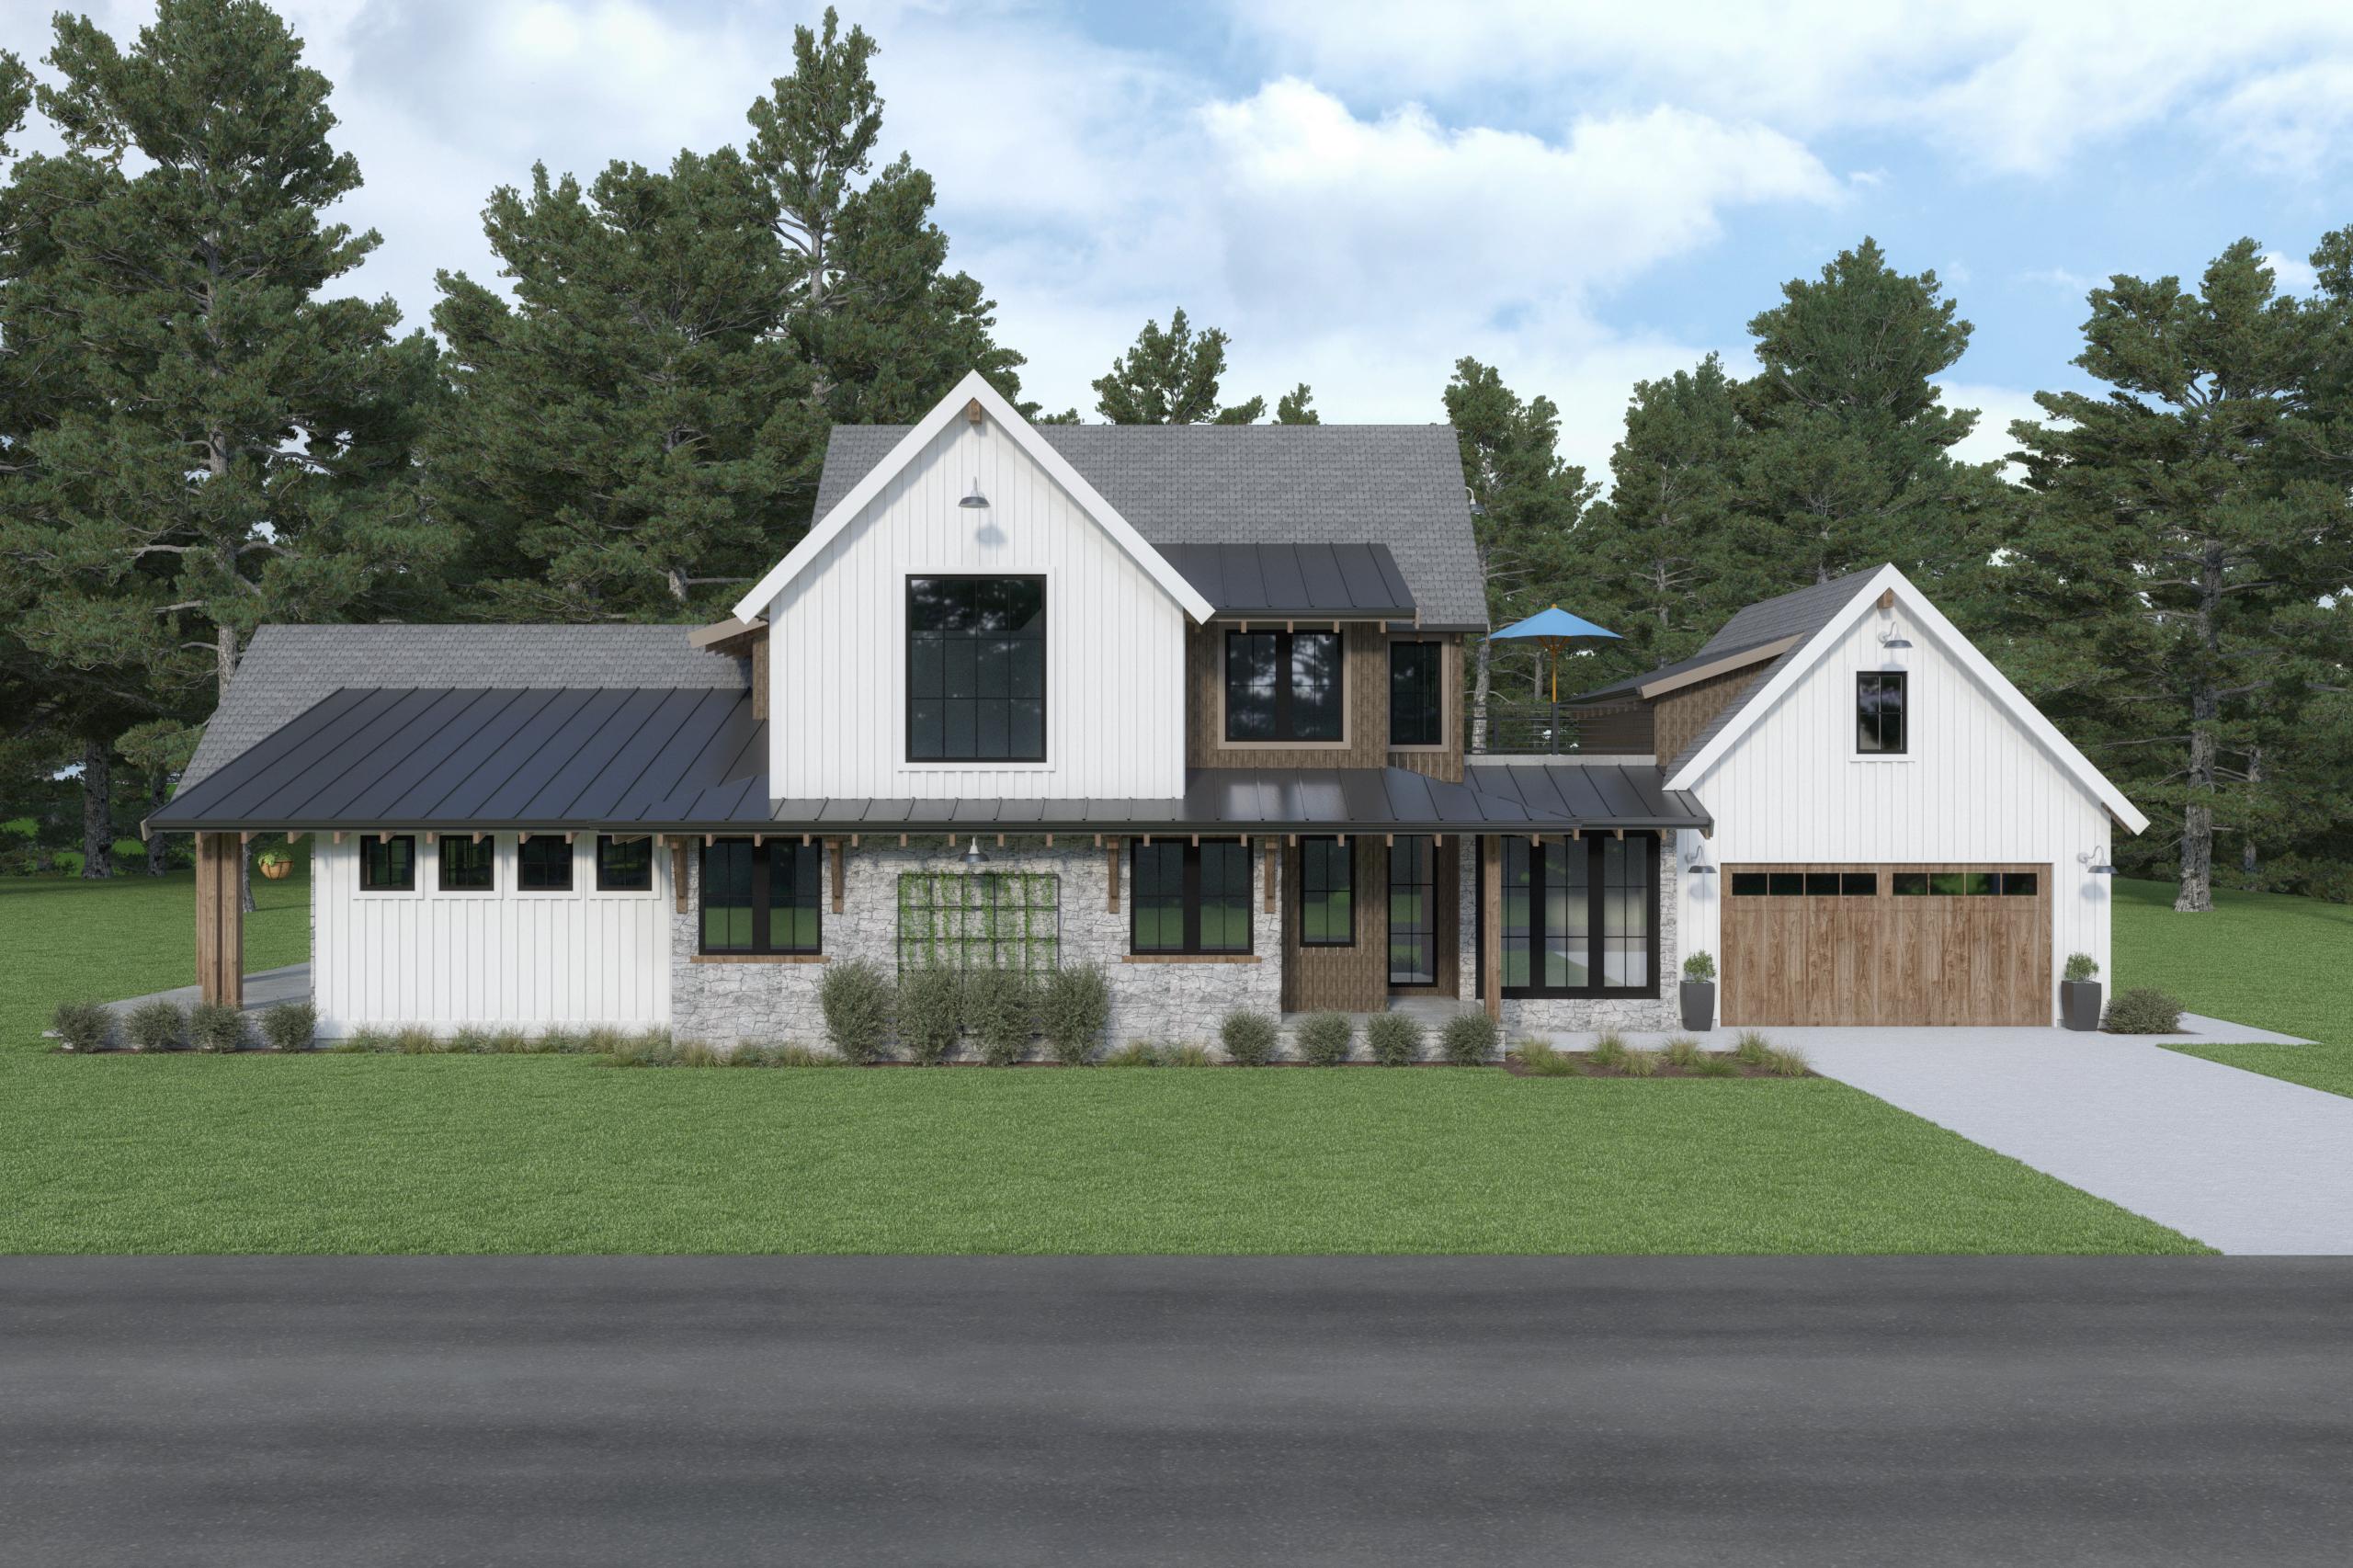 Contemporary Farmhouse 846 846